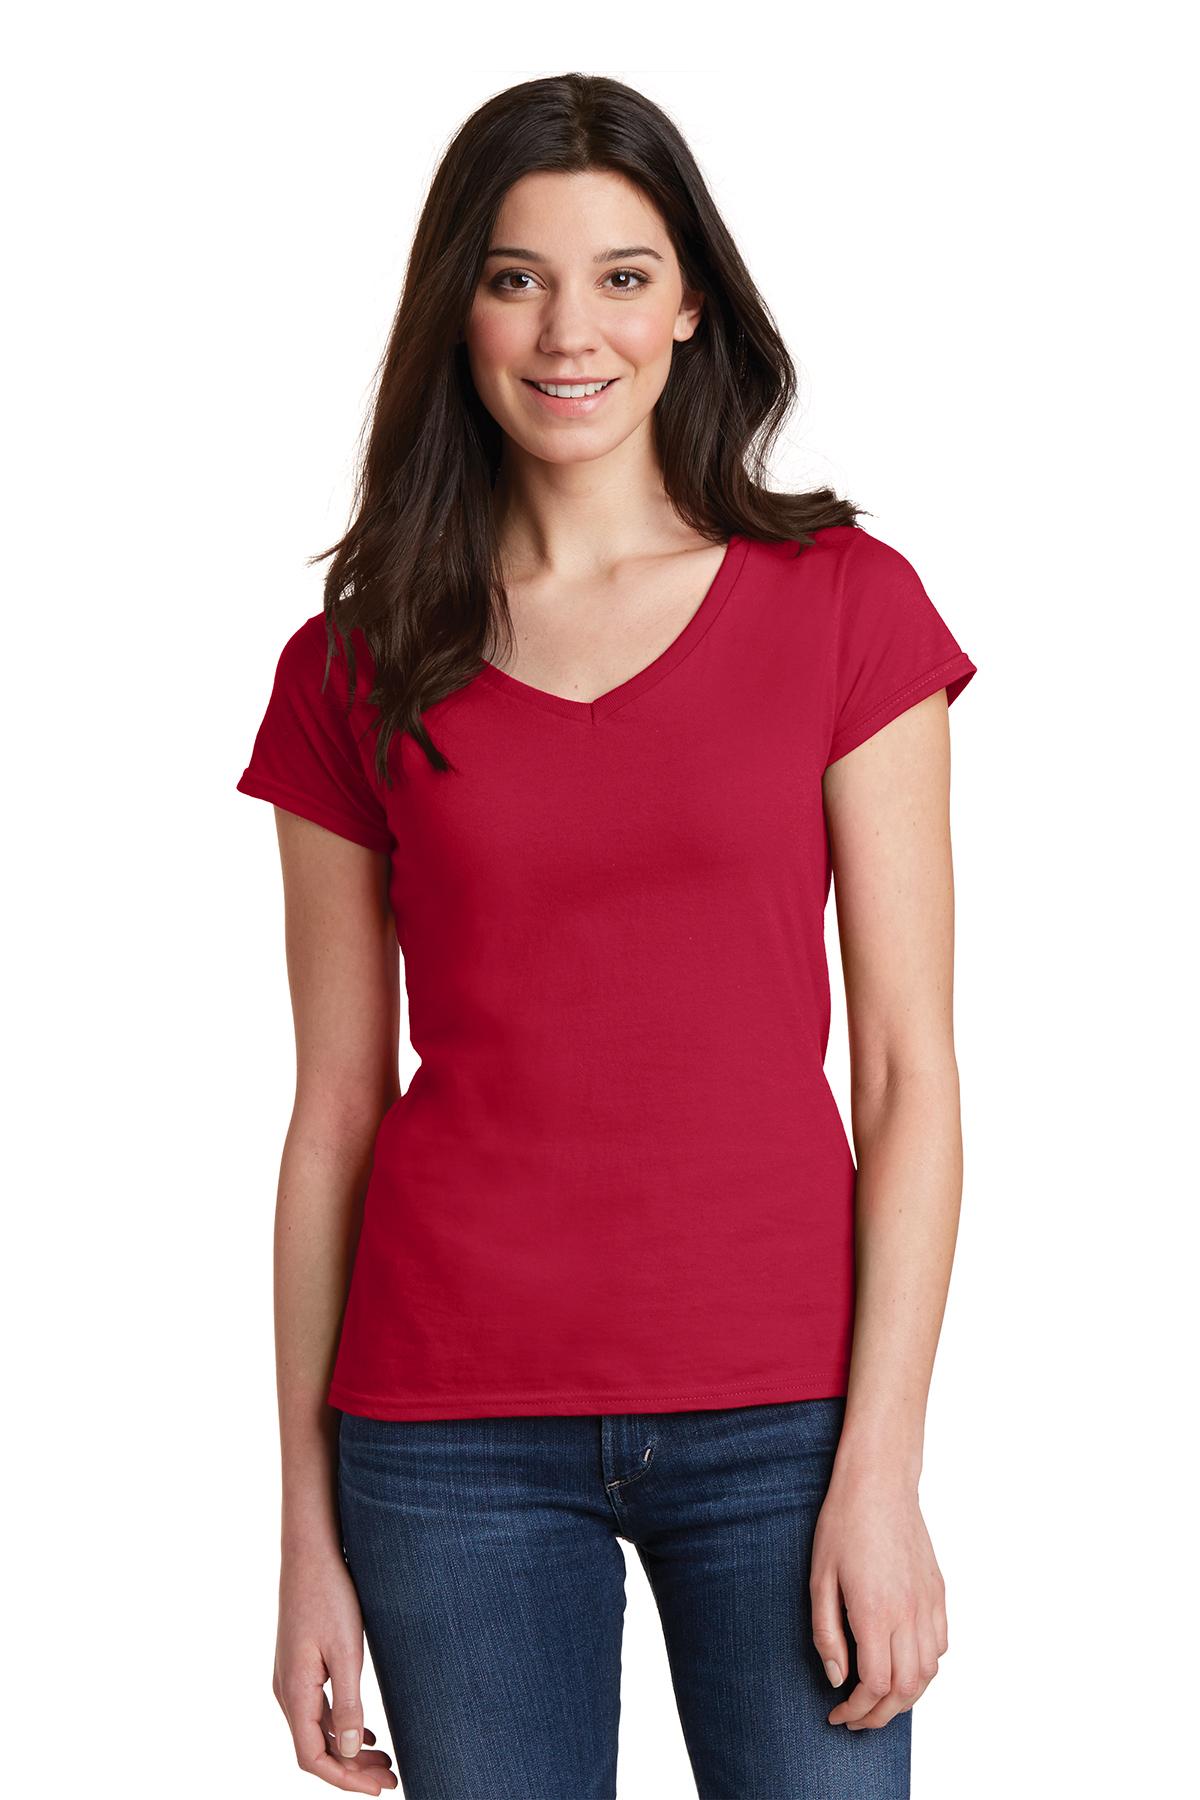 f3431c8b7 Gildan Softstyle® Junior Fit V-Neck T-Shirt | Ring Spun | T-Shirts ...